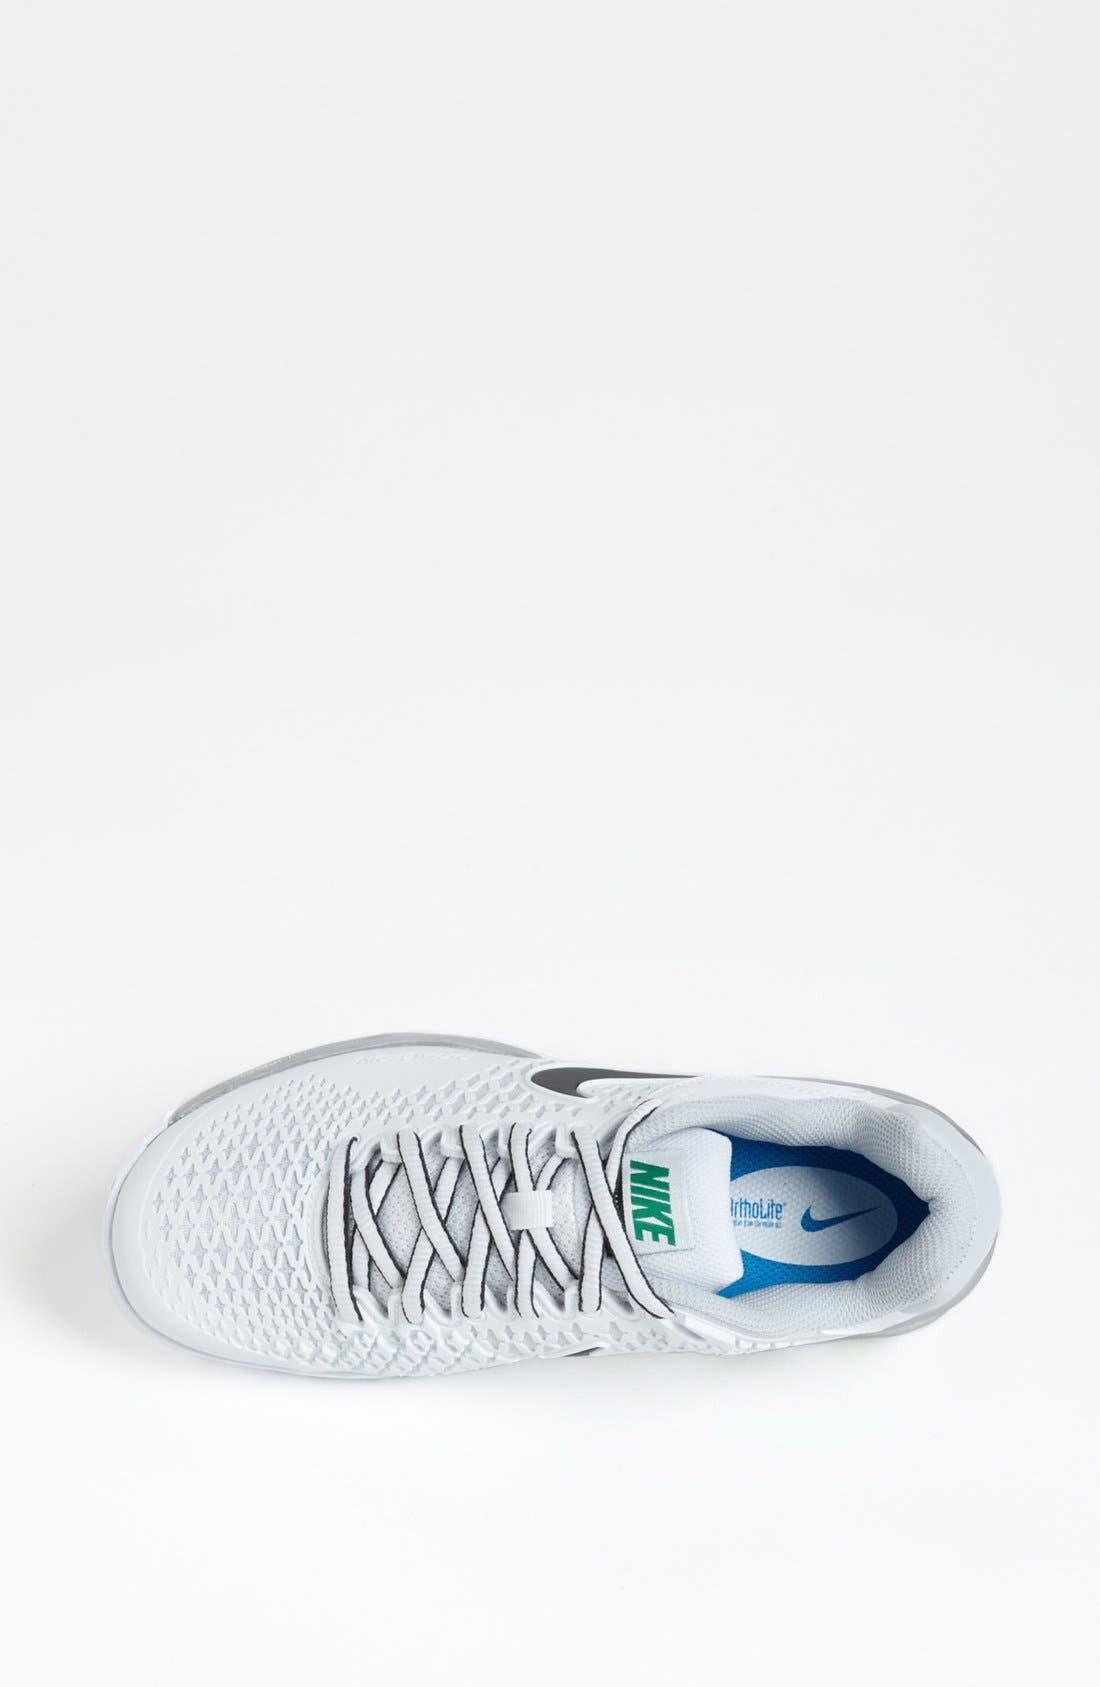 Alternate Image 3  - Nike 'Air Max Cage' Tennis Shoe (Women) (Regular Retail Price: $115.00)